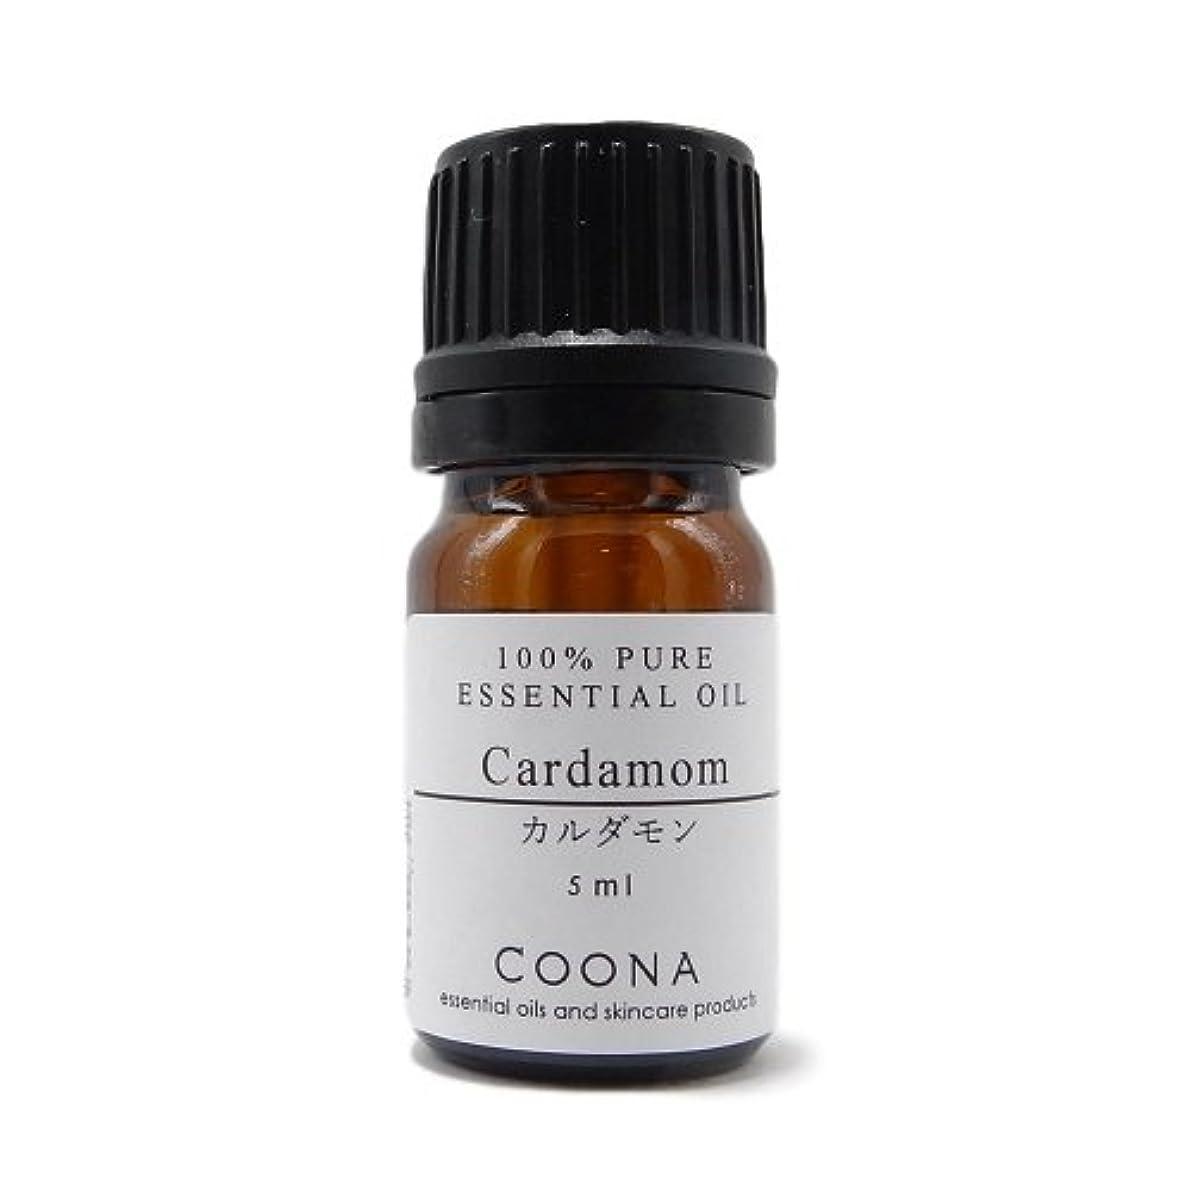 キャベツ薬ポーンカルダモン 5 ml (COONA エッセンシャルオイル アロマオイル 100%天然植物精油)